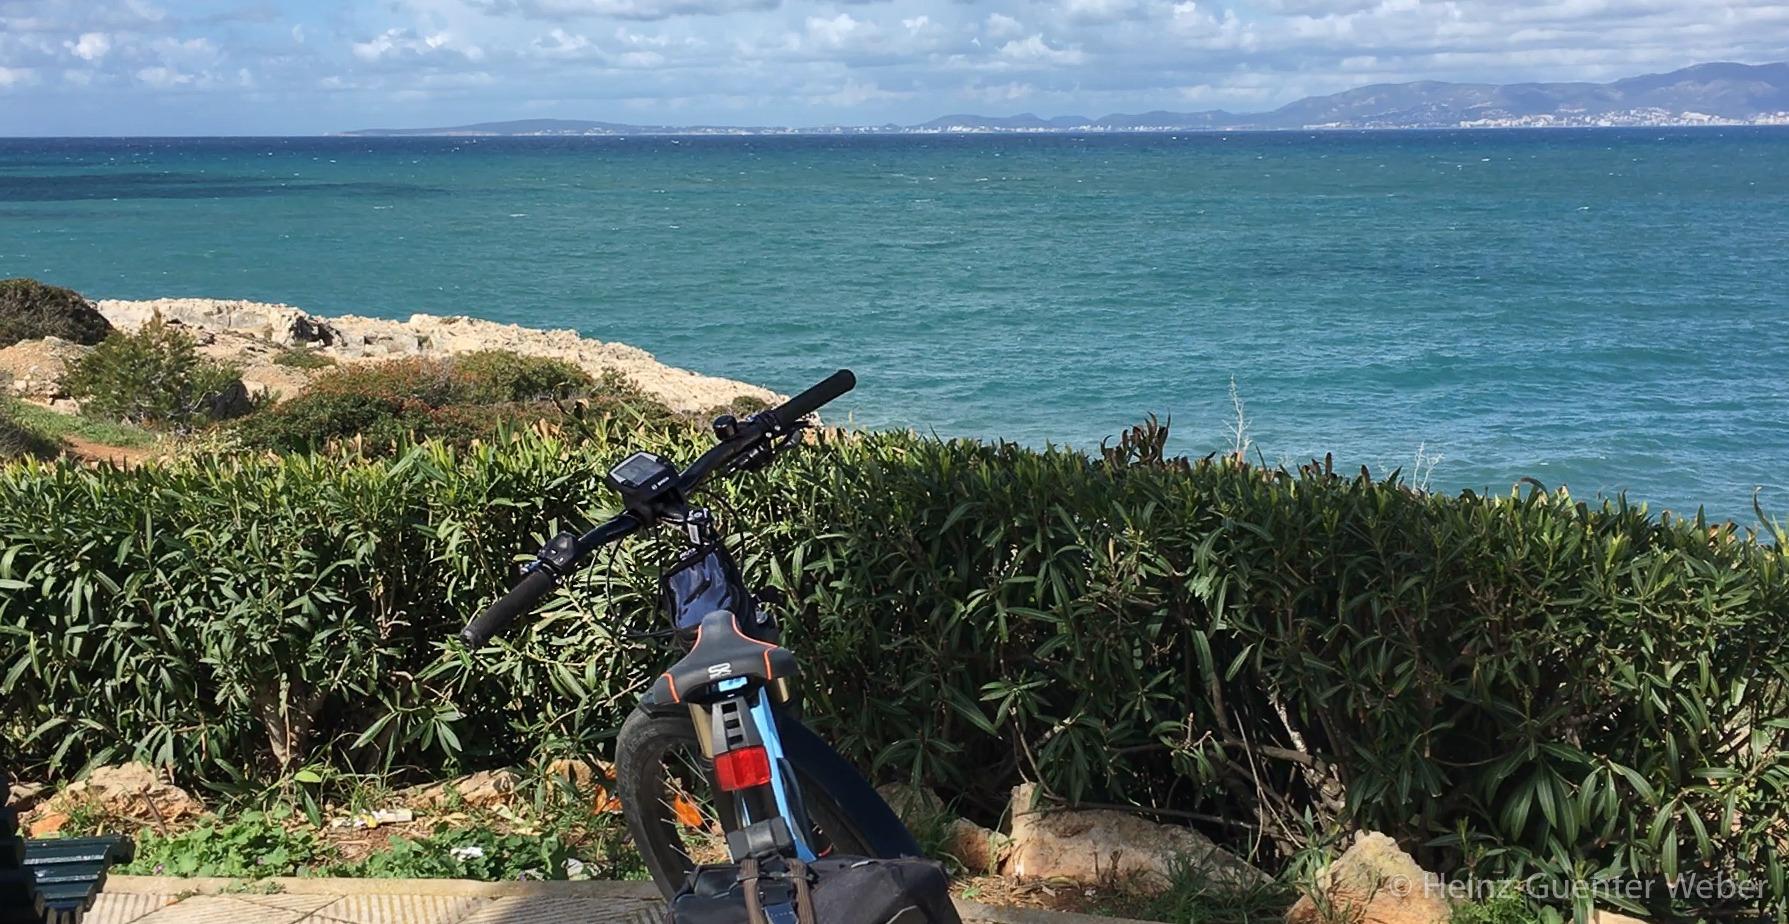 Mit dem E-Bike an der Playa de Palma – Mallorca's beliebtester Strand als E-Bike-Einstiegsrevier